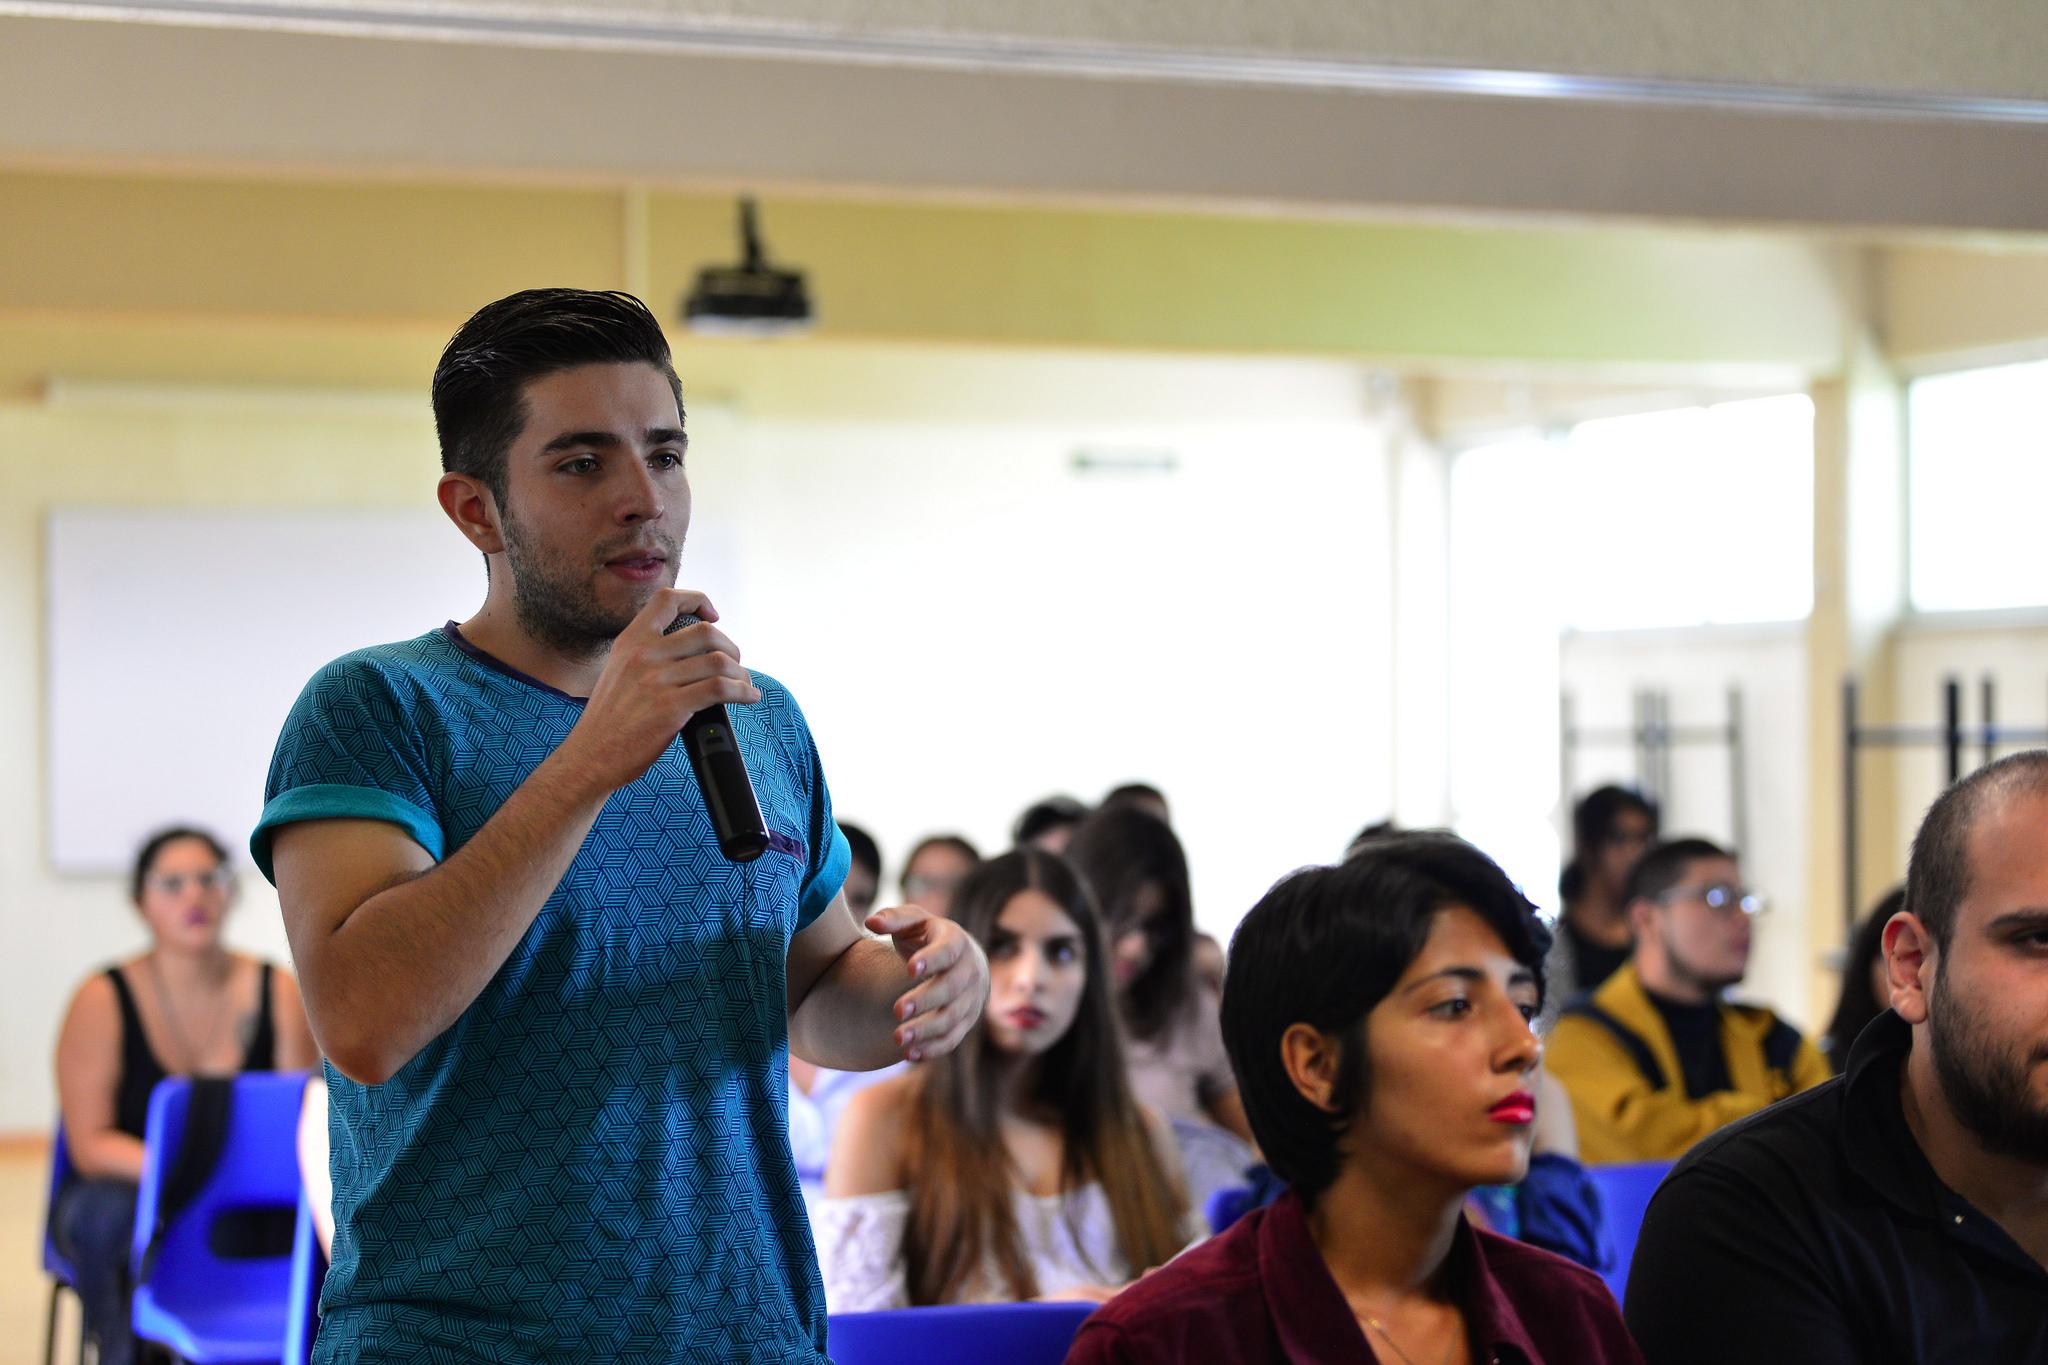 Estudiante del Cuciénega, asistente a la plática, con micrófono en mano, formulando una pregunta para la ponente.